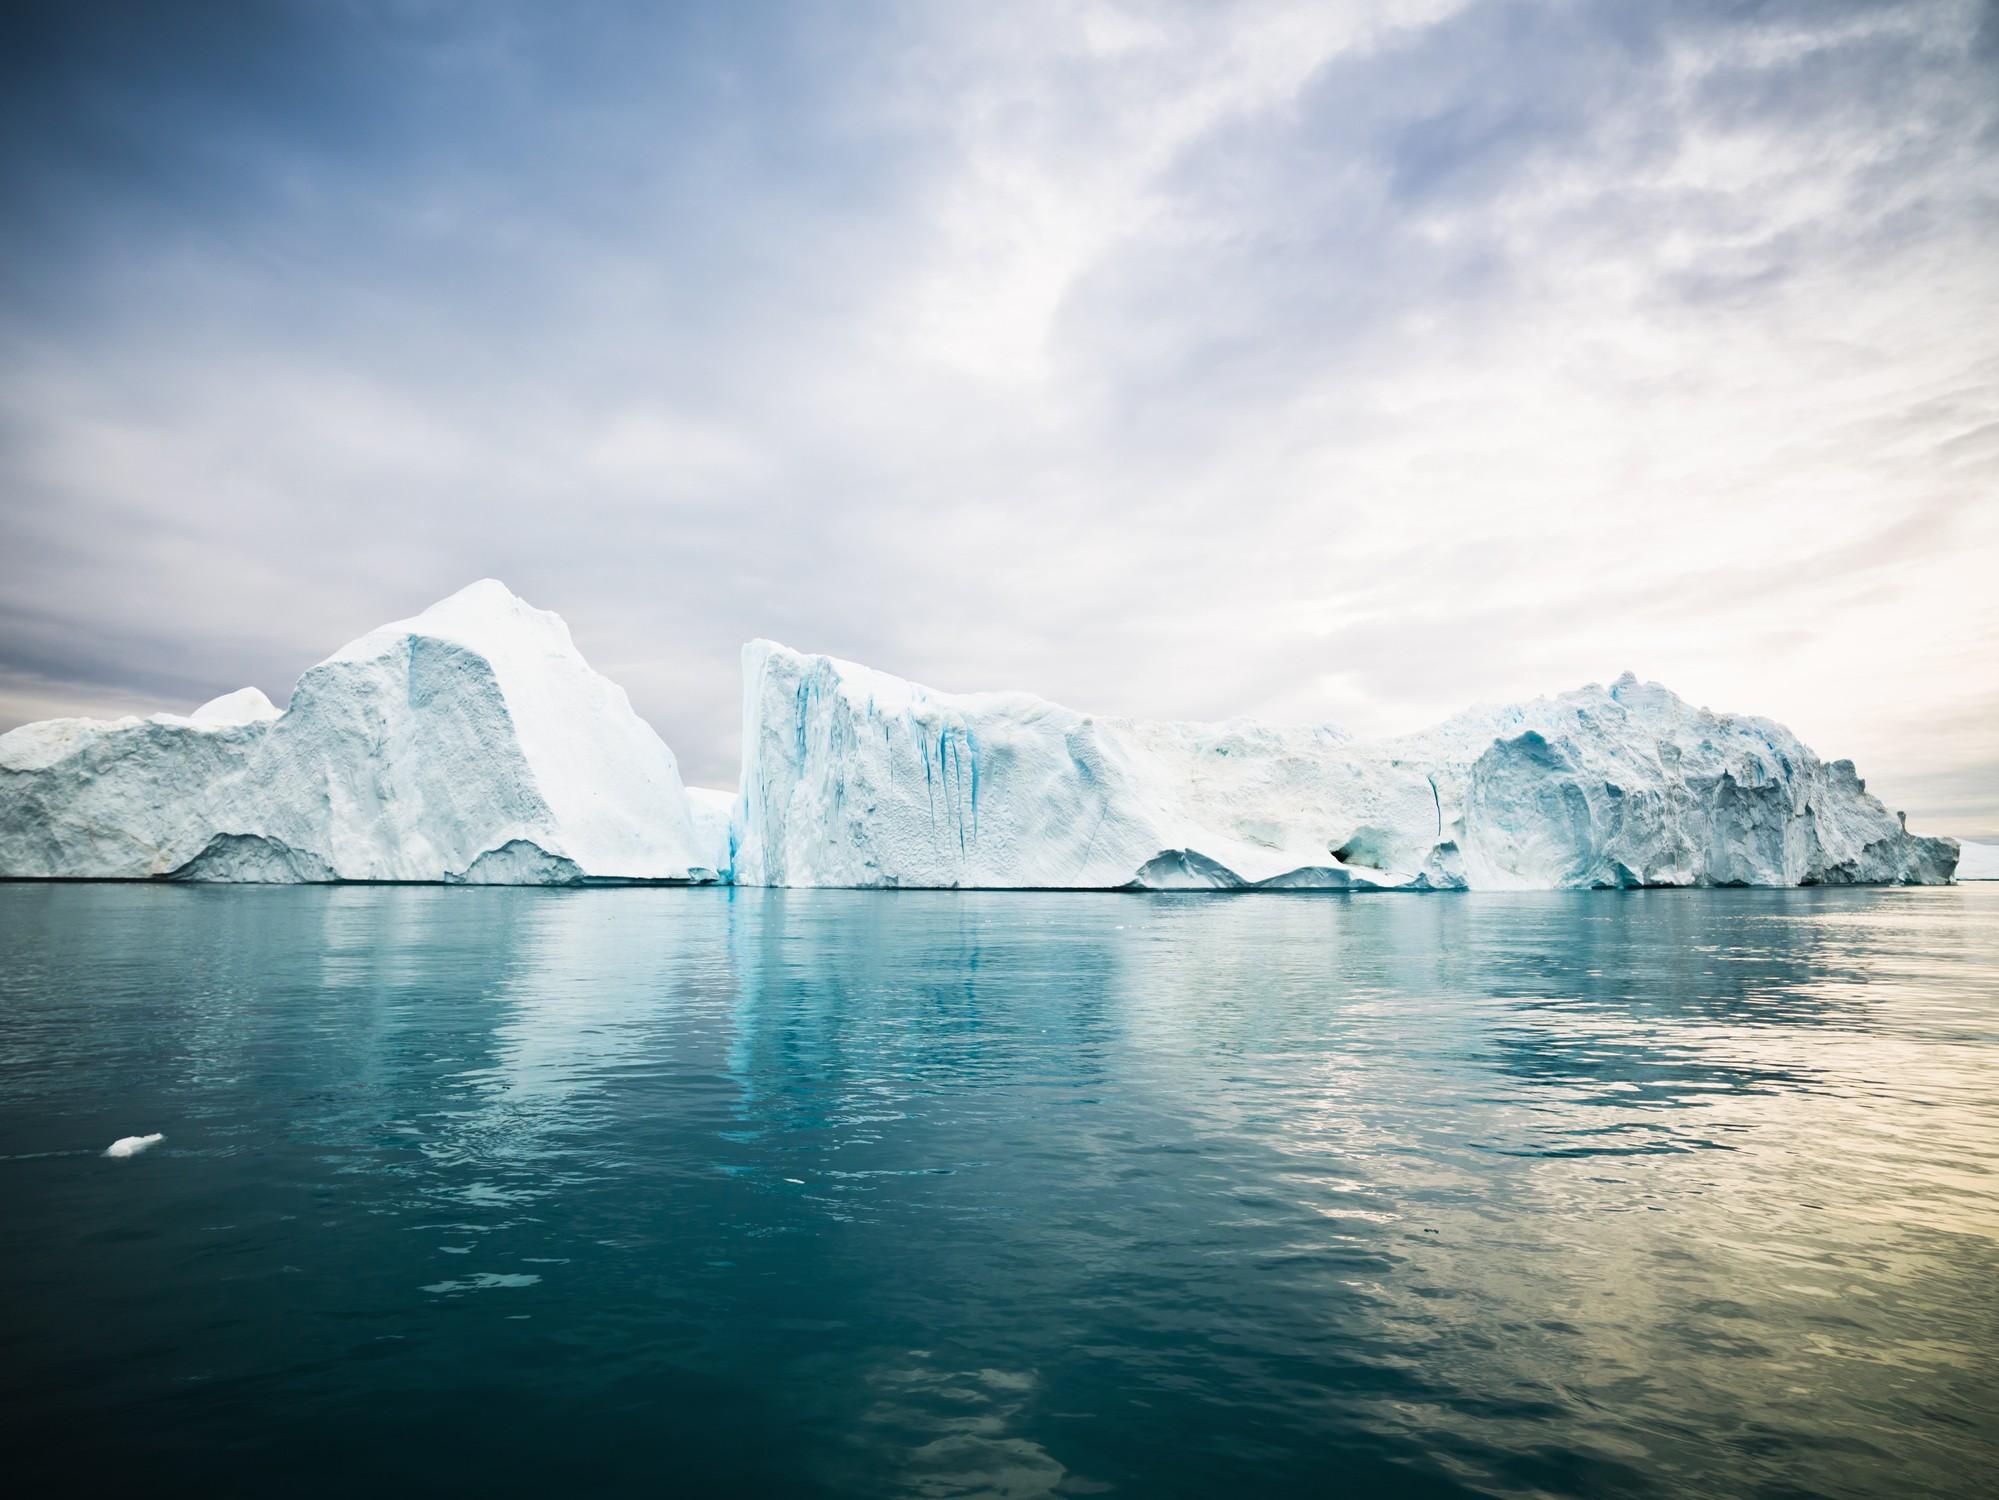 Las nubes, glaciares y el océano regulan la absorción de energía solar. - Foto Mlenny/Getty